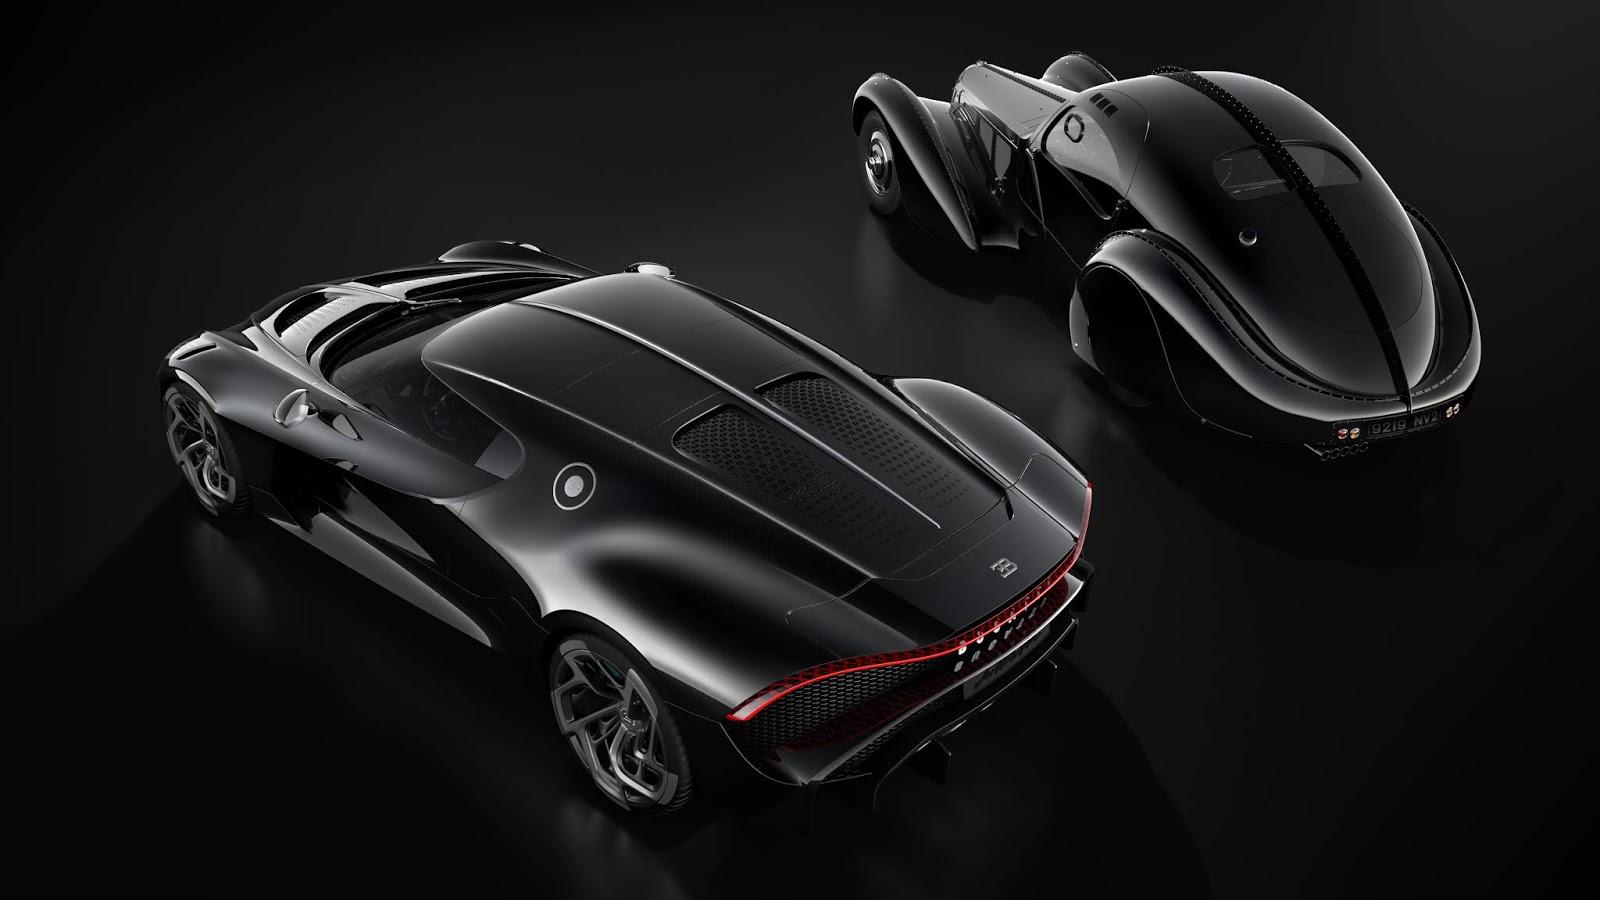 bugatti la voiture noire 2019 538920